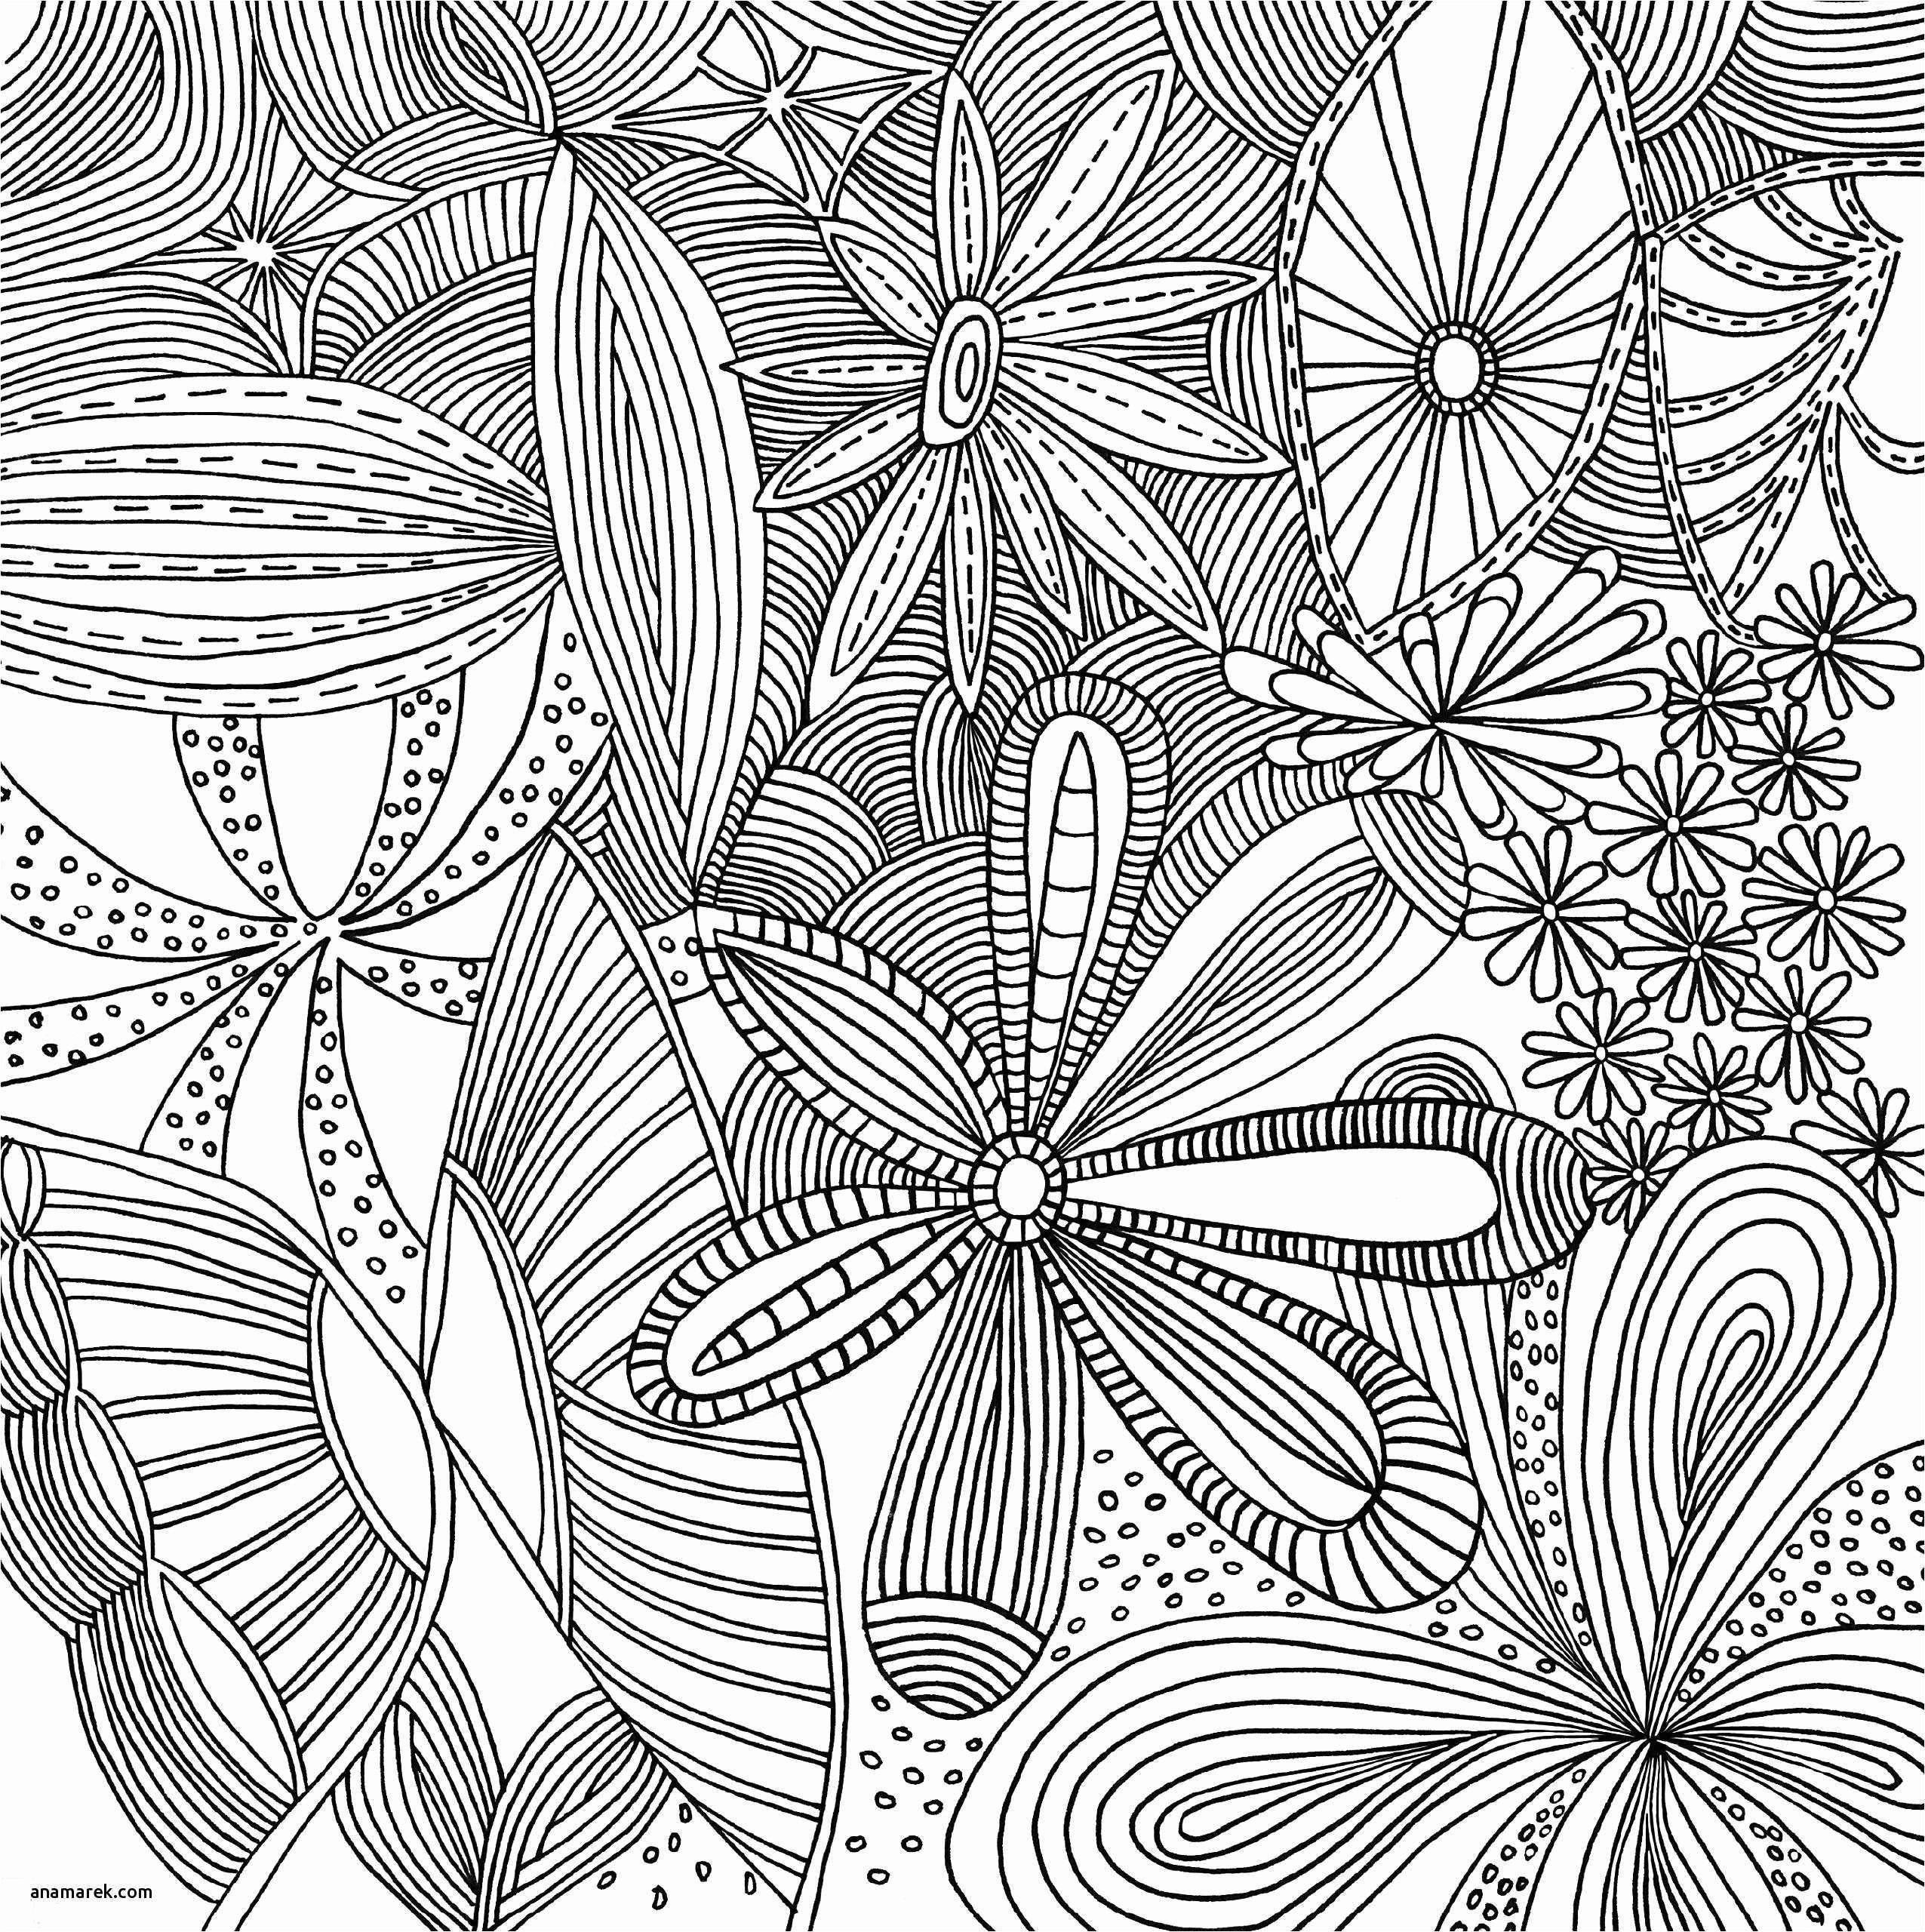 Number Coloring Juego Coloring Pages Gallery Paginas Para Colorear De Navidad Paginas Para Colorear De Flores Paginas Para Colorear